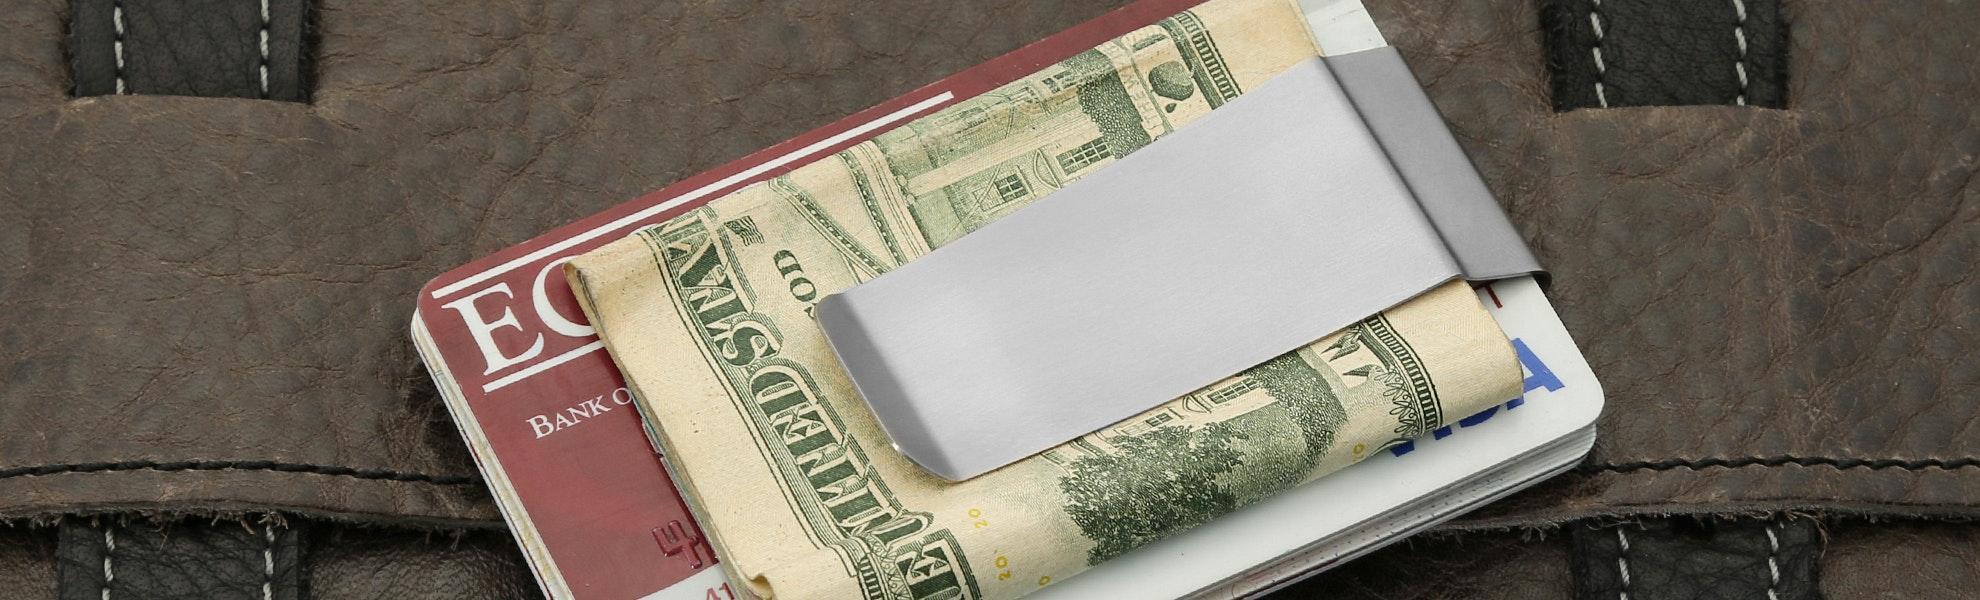 Maratac Titanium Money Clip